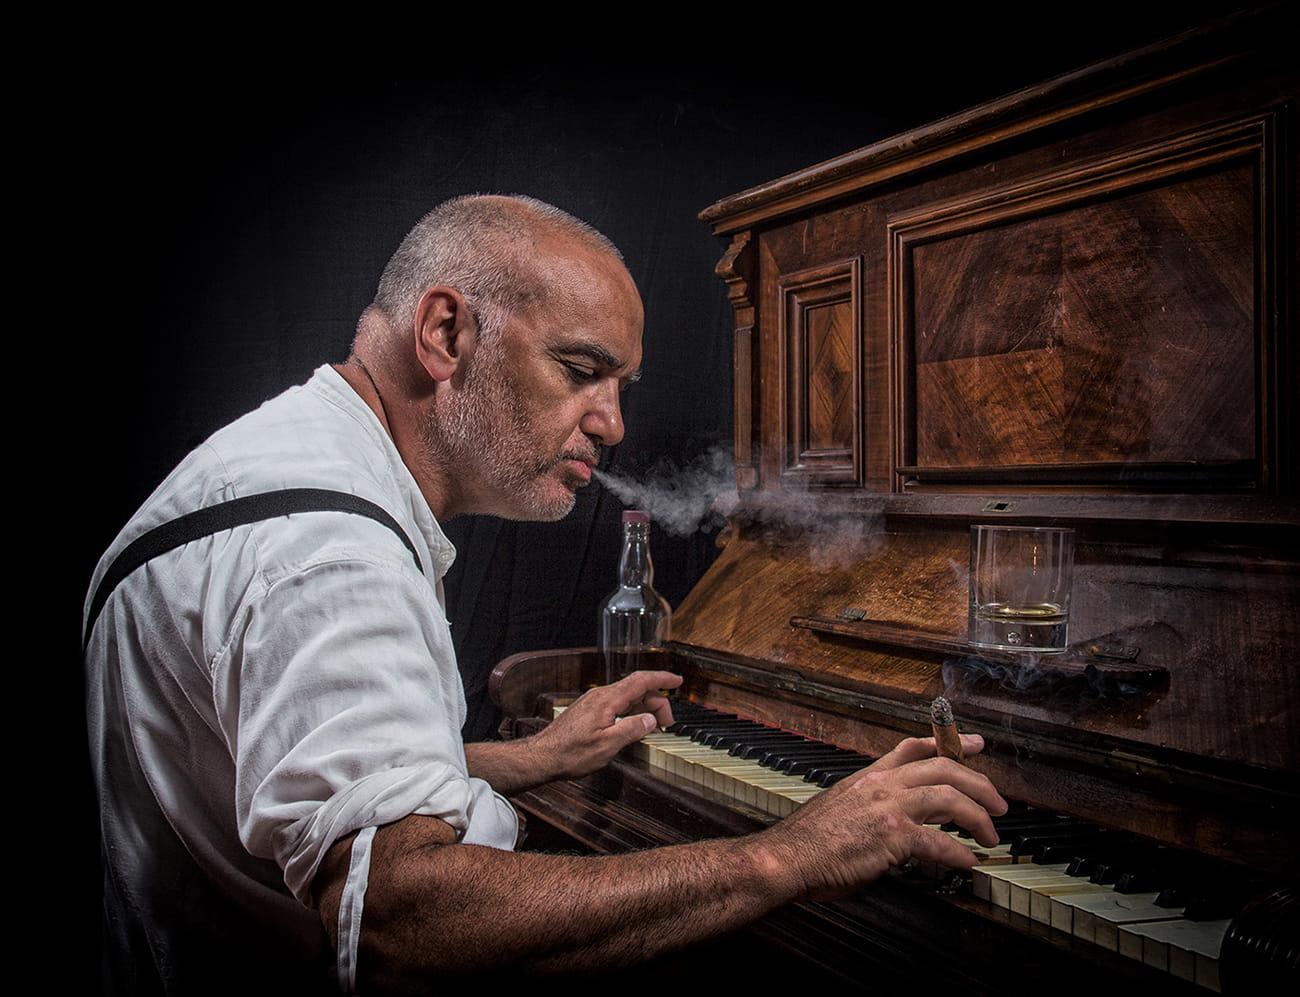 Todo se olvida , menos la música del viejo piano